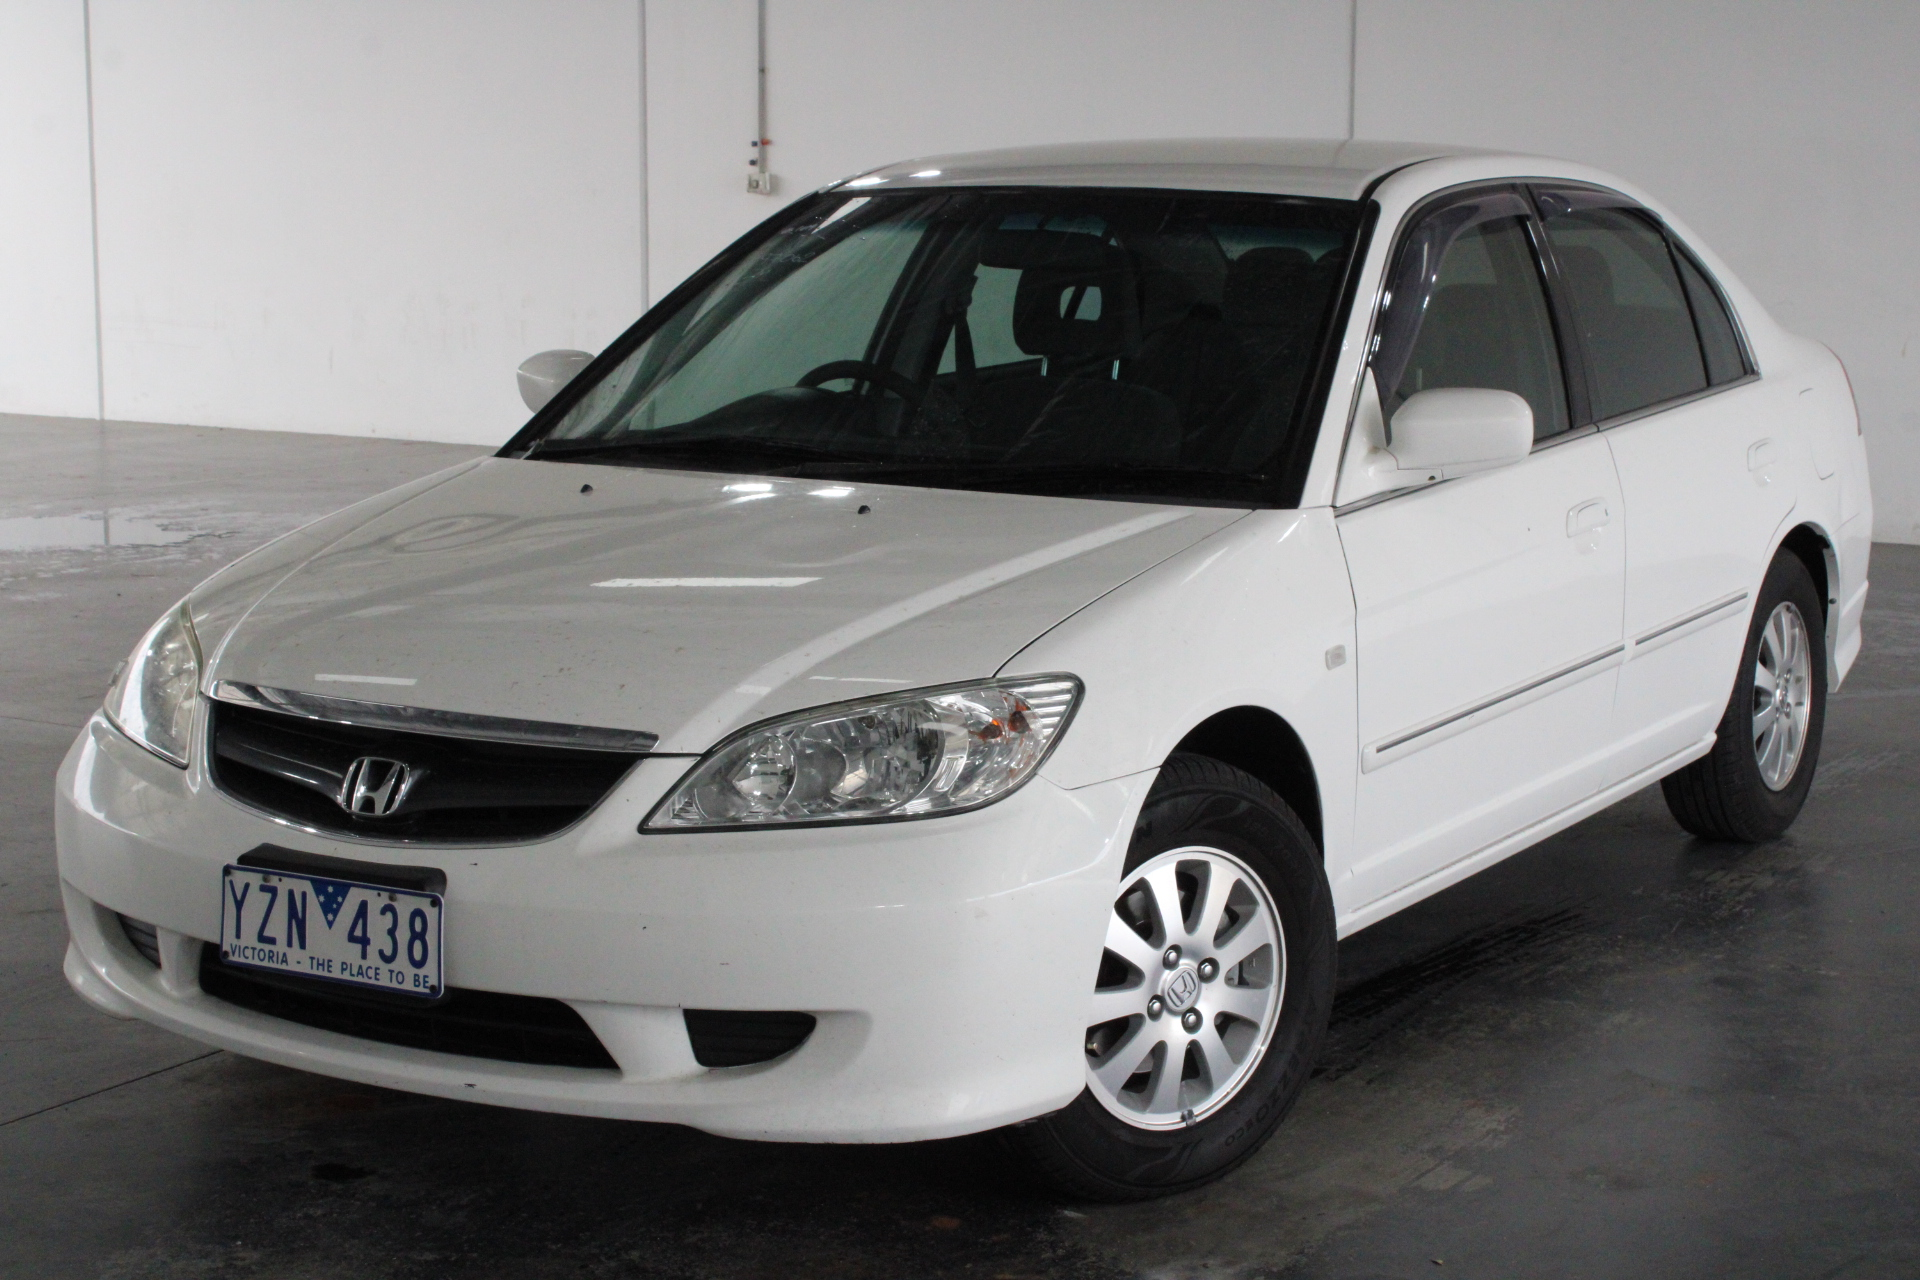 2005 Honda Civic GLi 7th Gen Manual Sedan